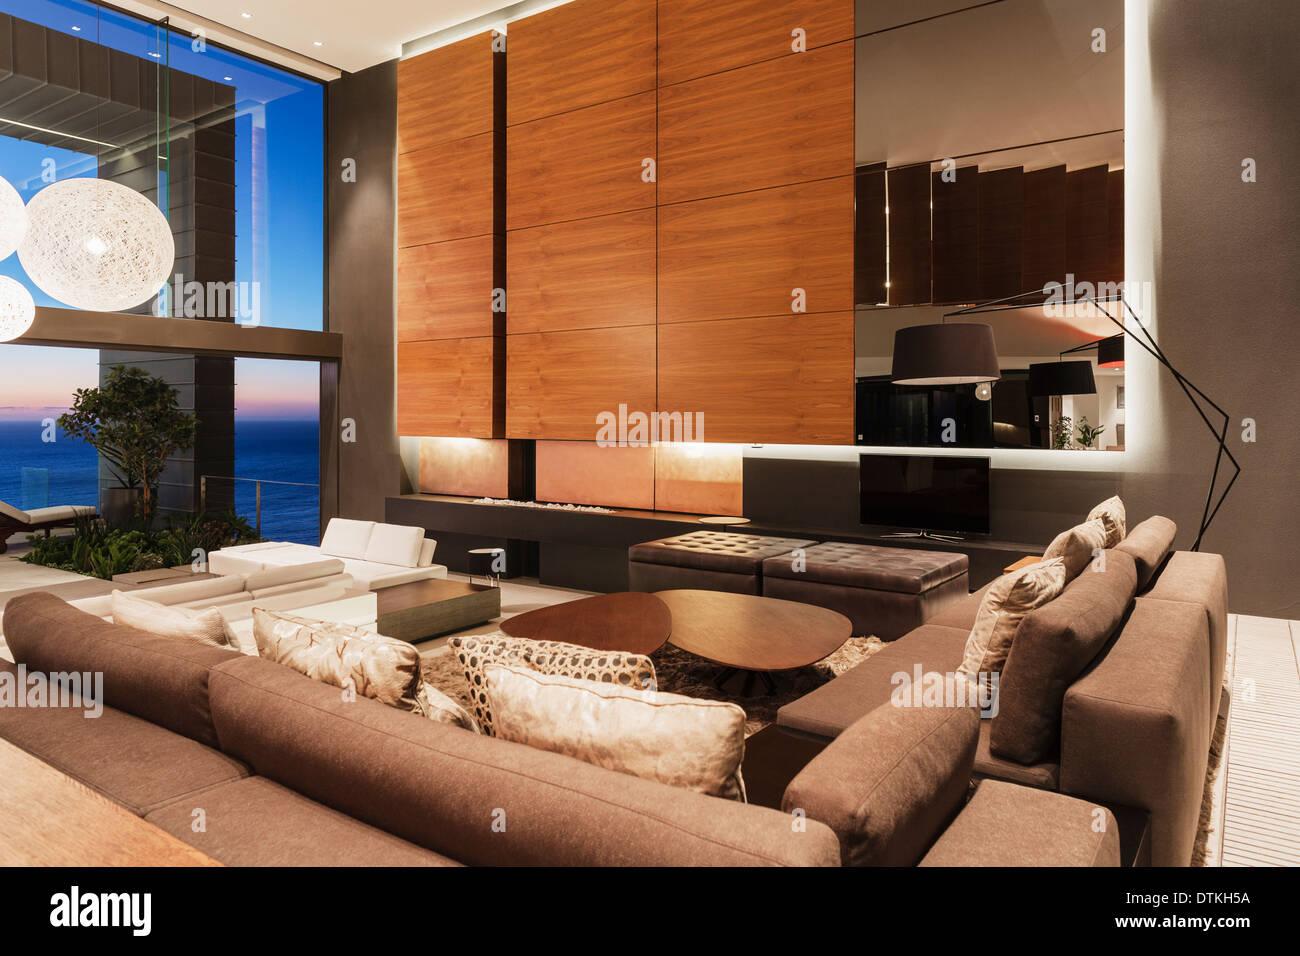 Sofás y paneles de madera en la moderna sala de estar Imagen De Stock